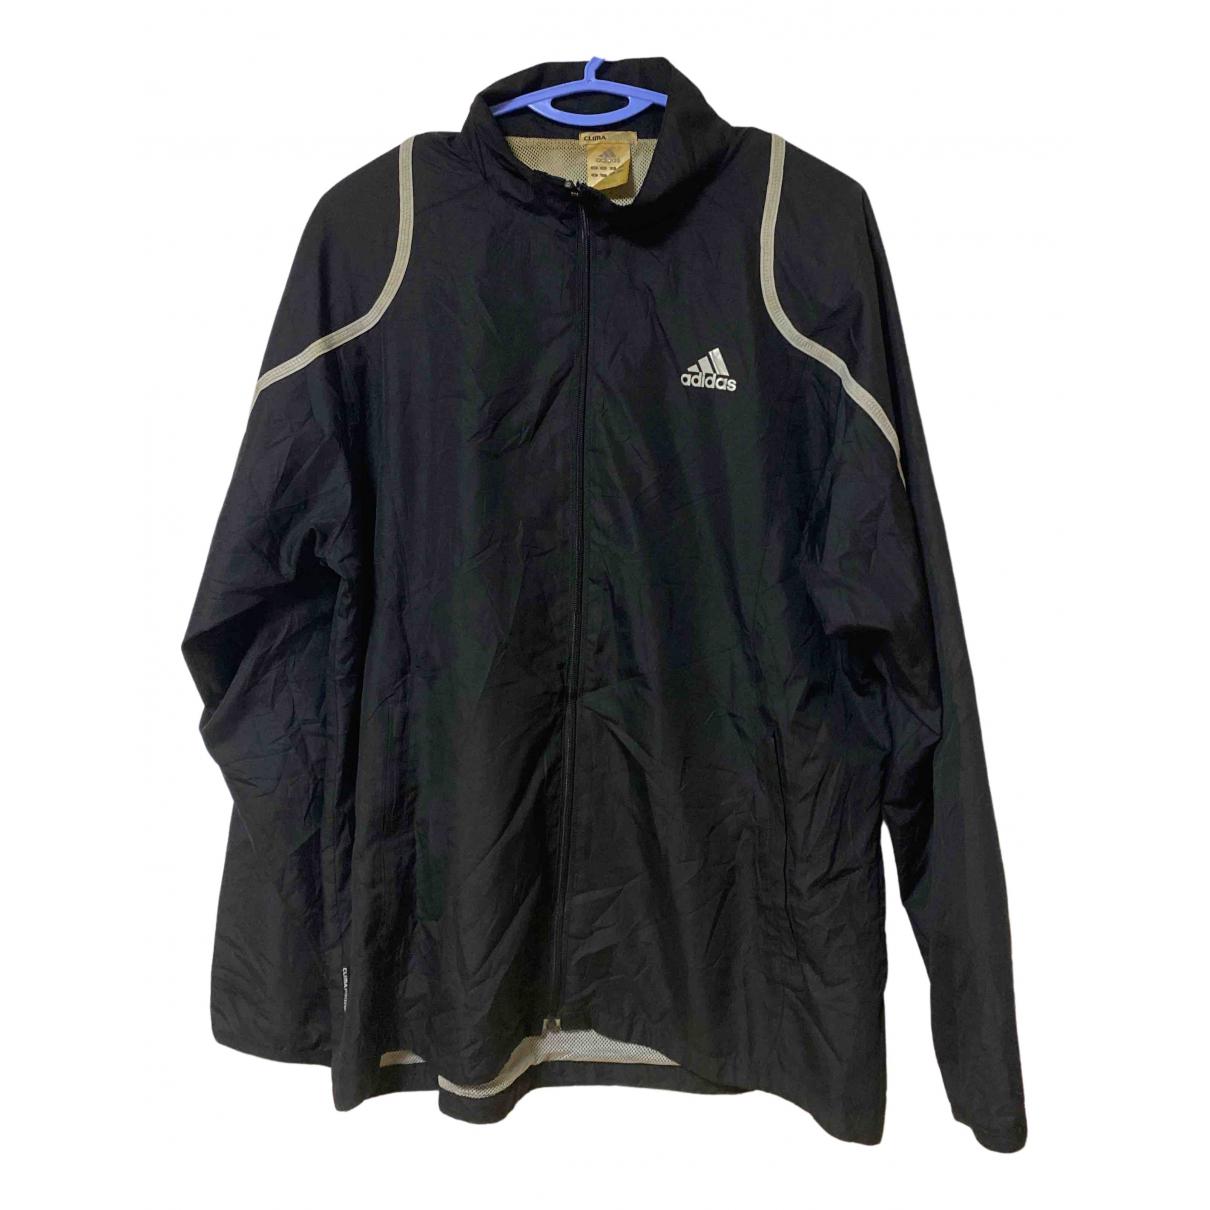 Adidas - Vestes.Blousons   pour homme en coton - noir